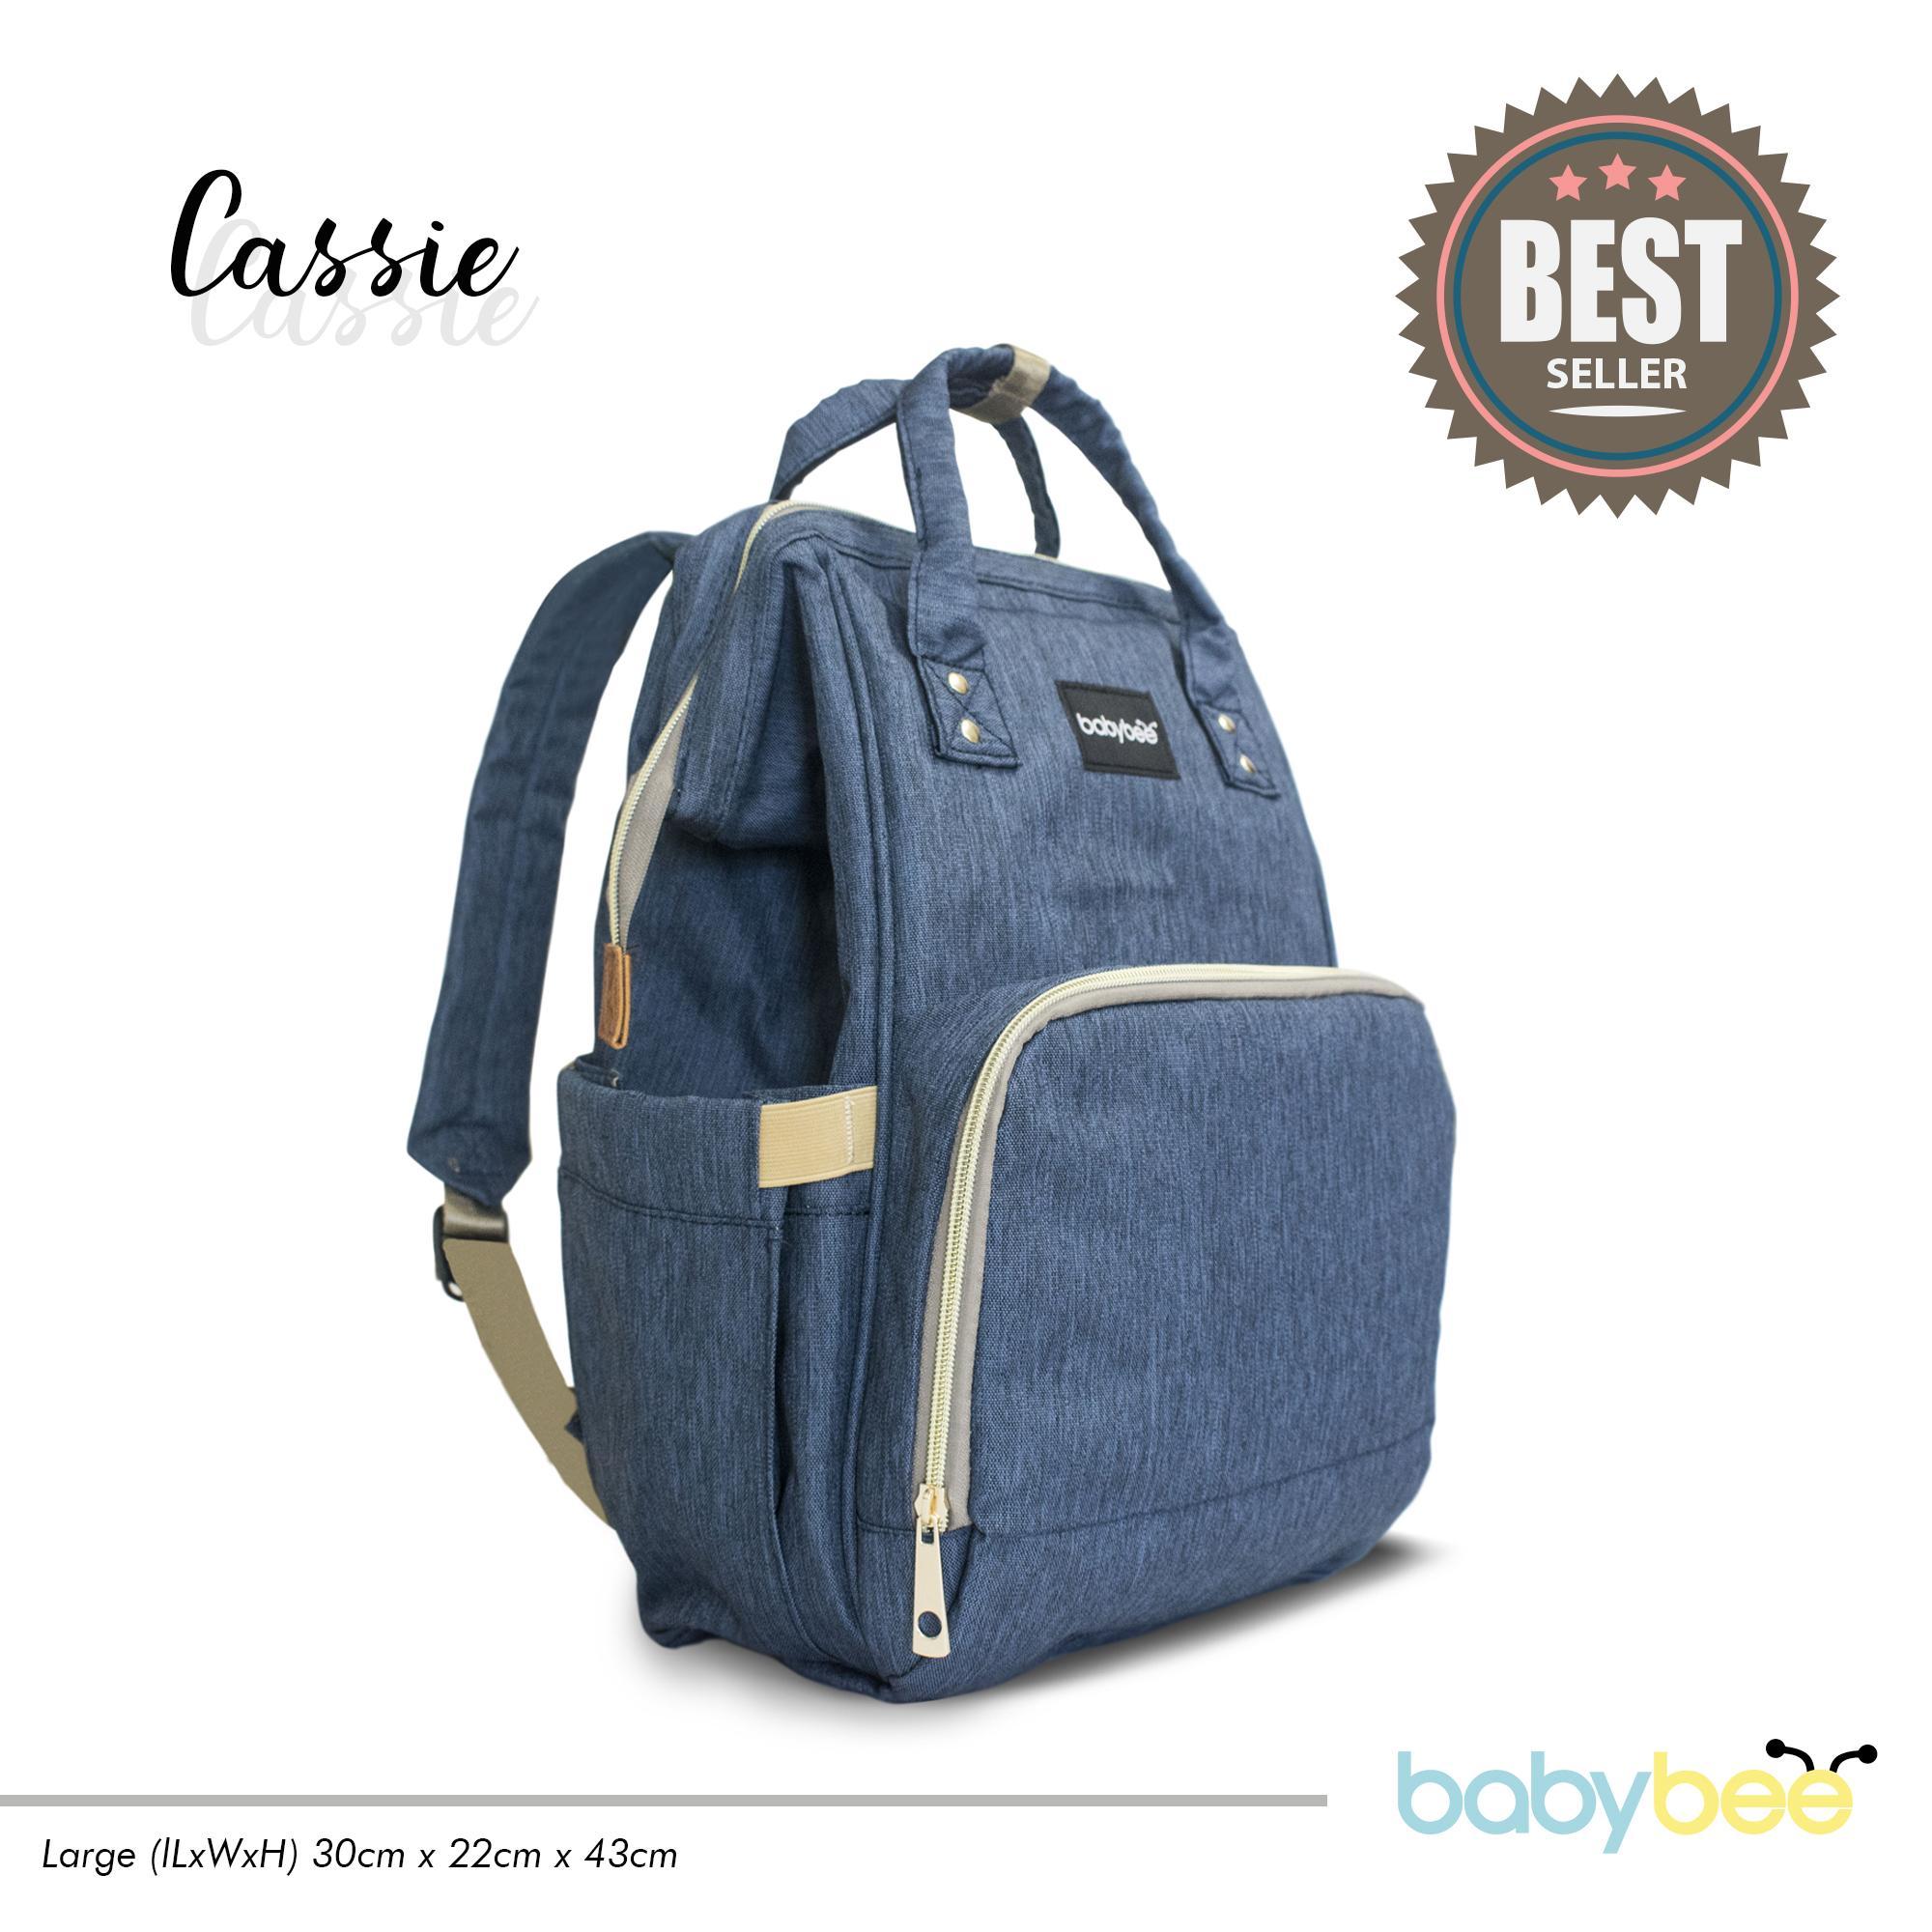 3c19dab370 (UPGRADED) Fashion Maternity Babybee Nappy Bag Large Capacity Baby Bag  Travel Backpack Desiger Nursing